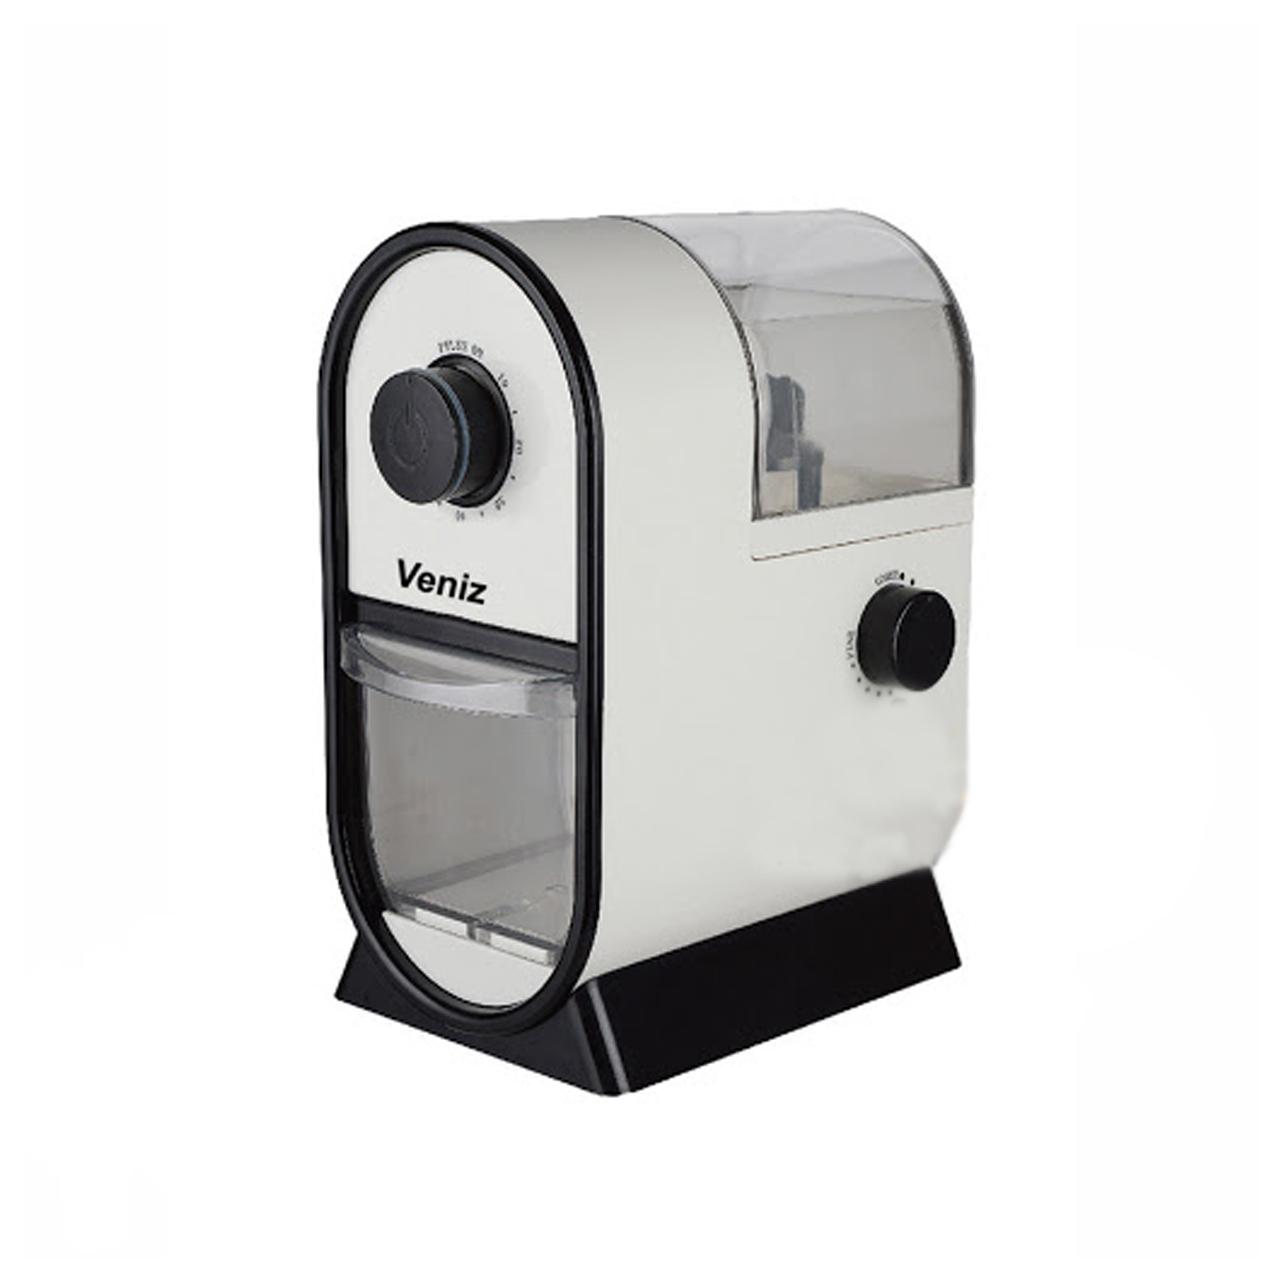 آسیاب قهوه خانگی ونیز 4010